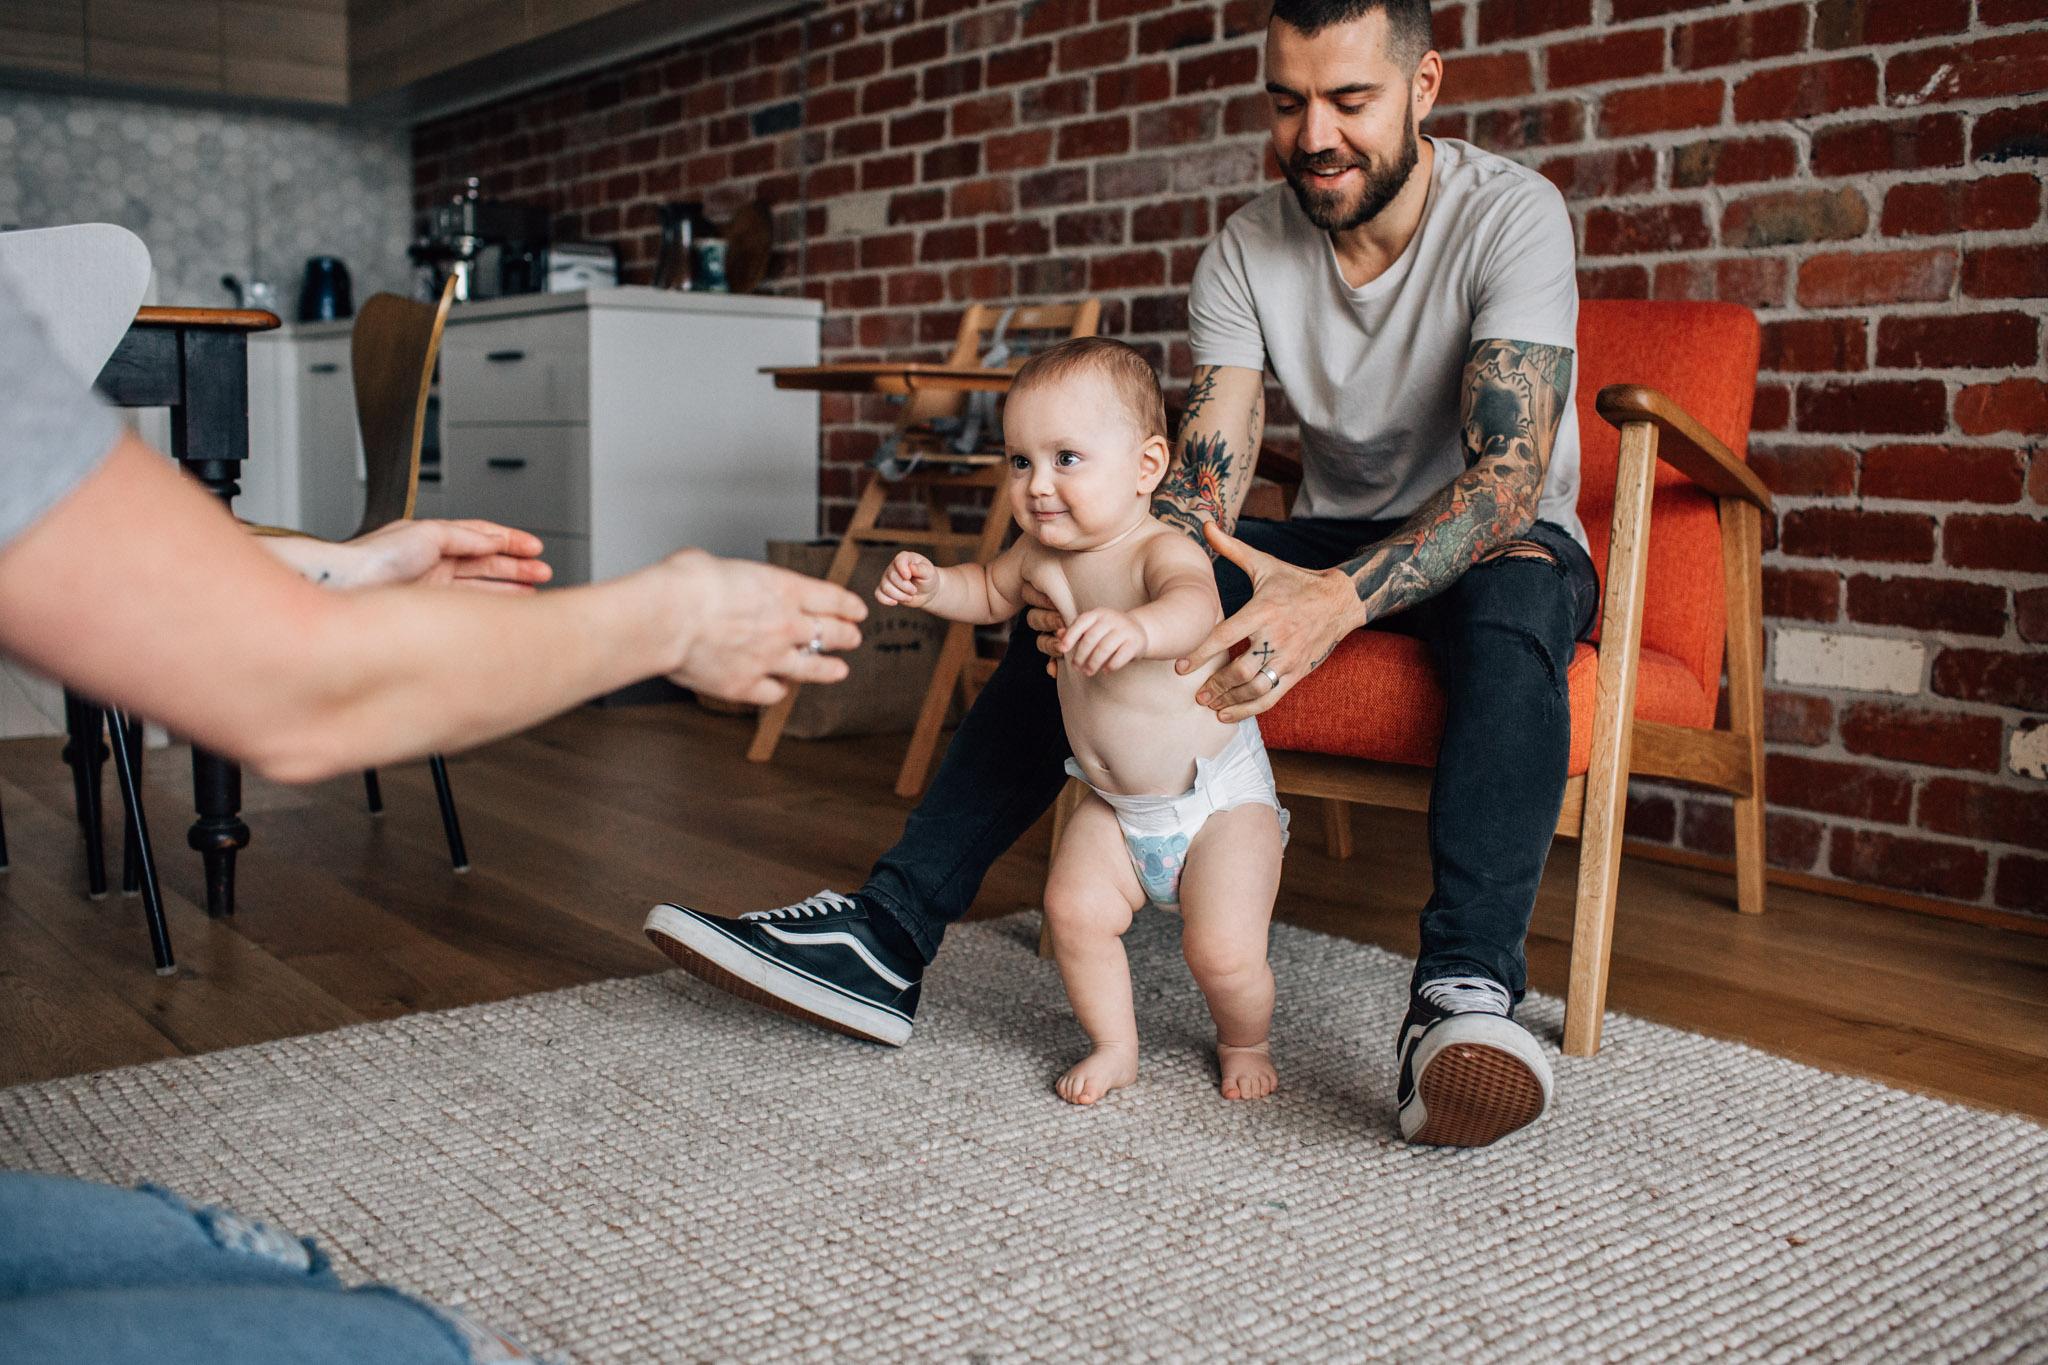 baby-walking-toward-mama (1 of 1).jpg